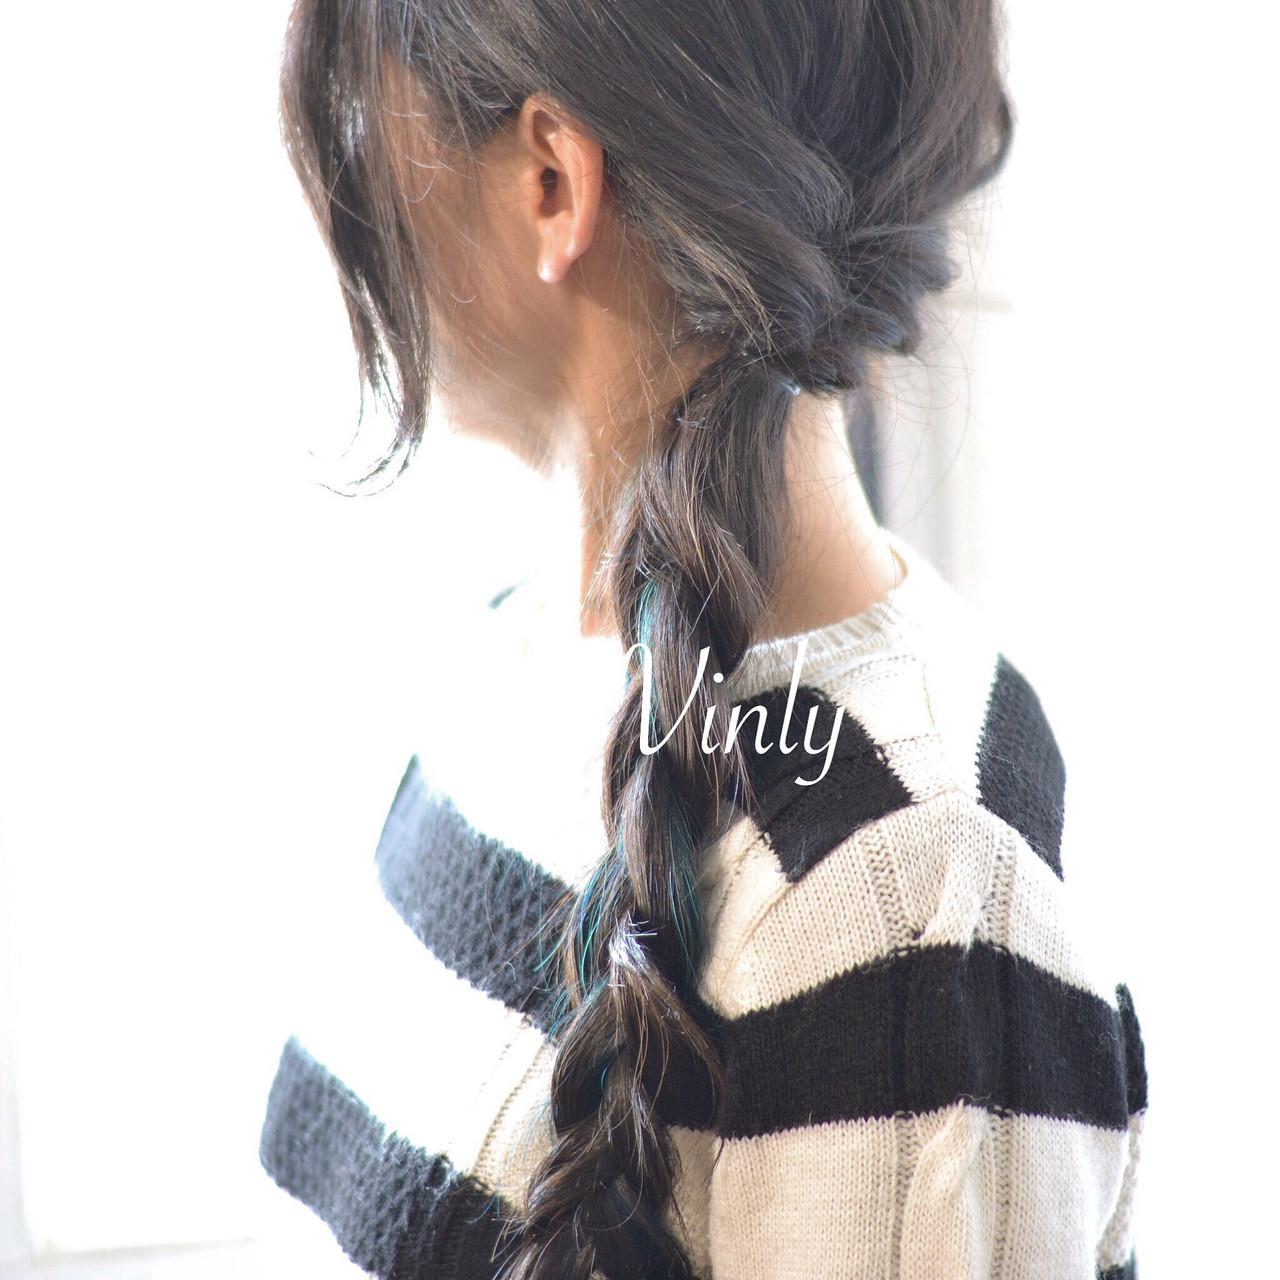 デート ロング ヘアアレンジ ナチュラル ヘアスタイルや髪型の写真・画像 | norihiko yoshimoto / Vinly hair salon